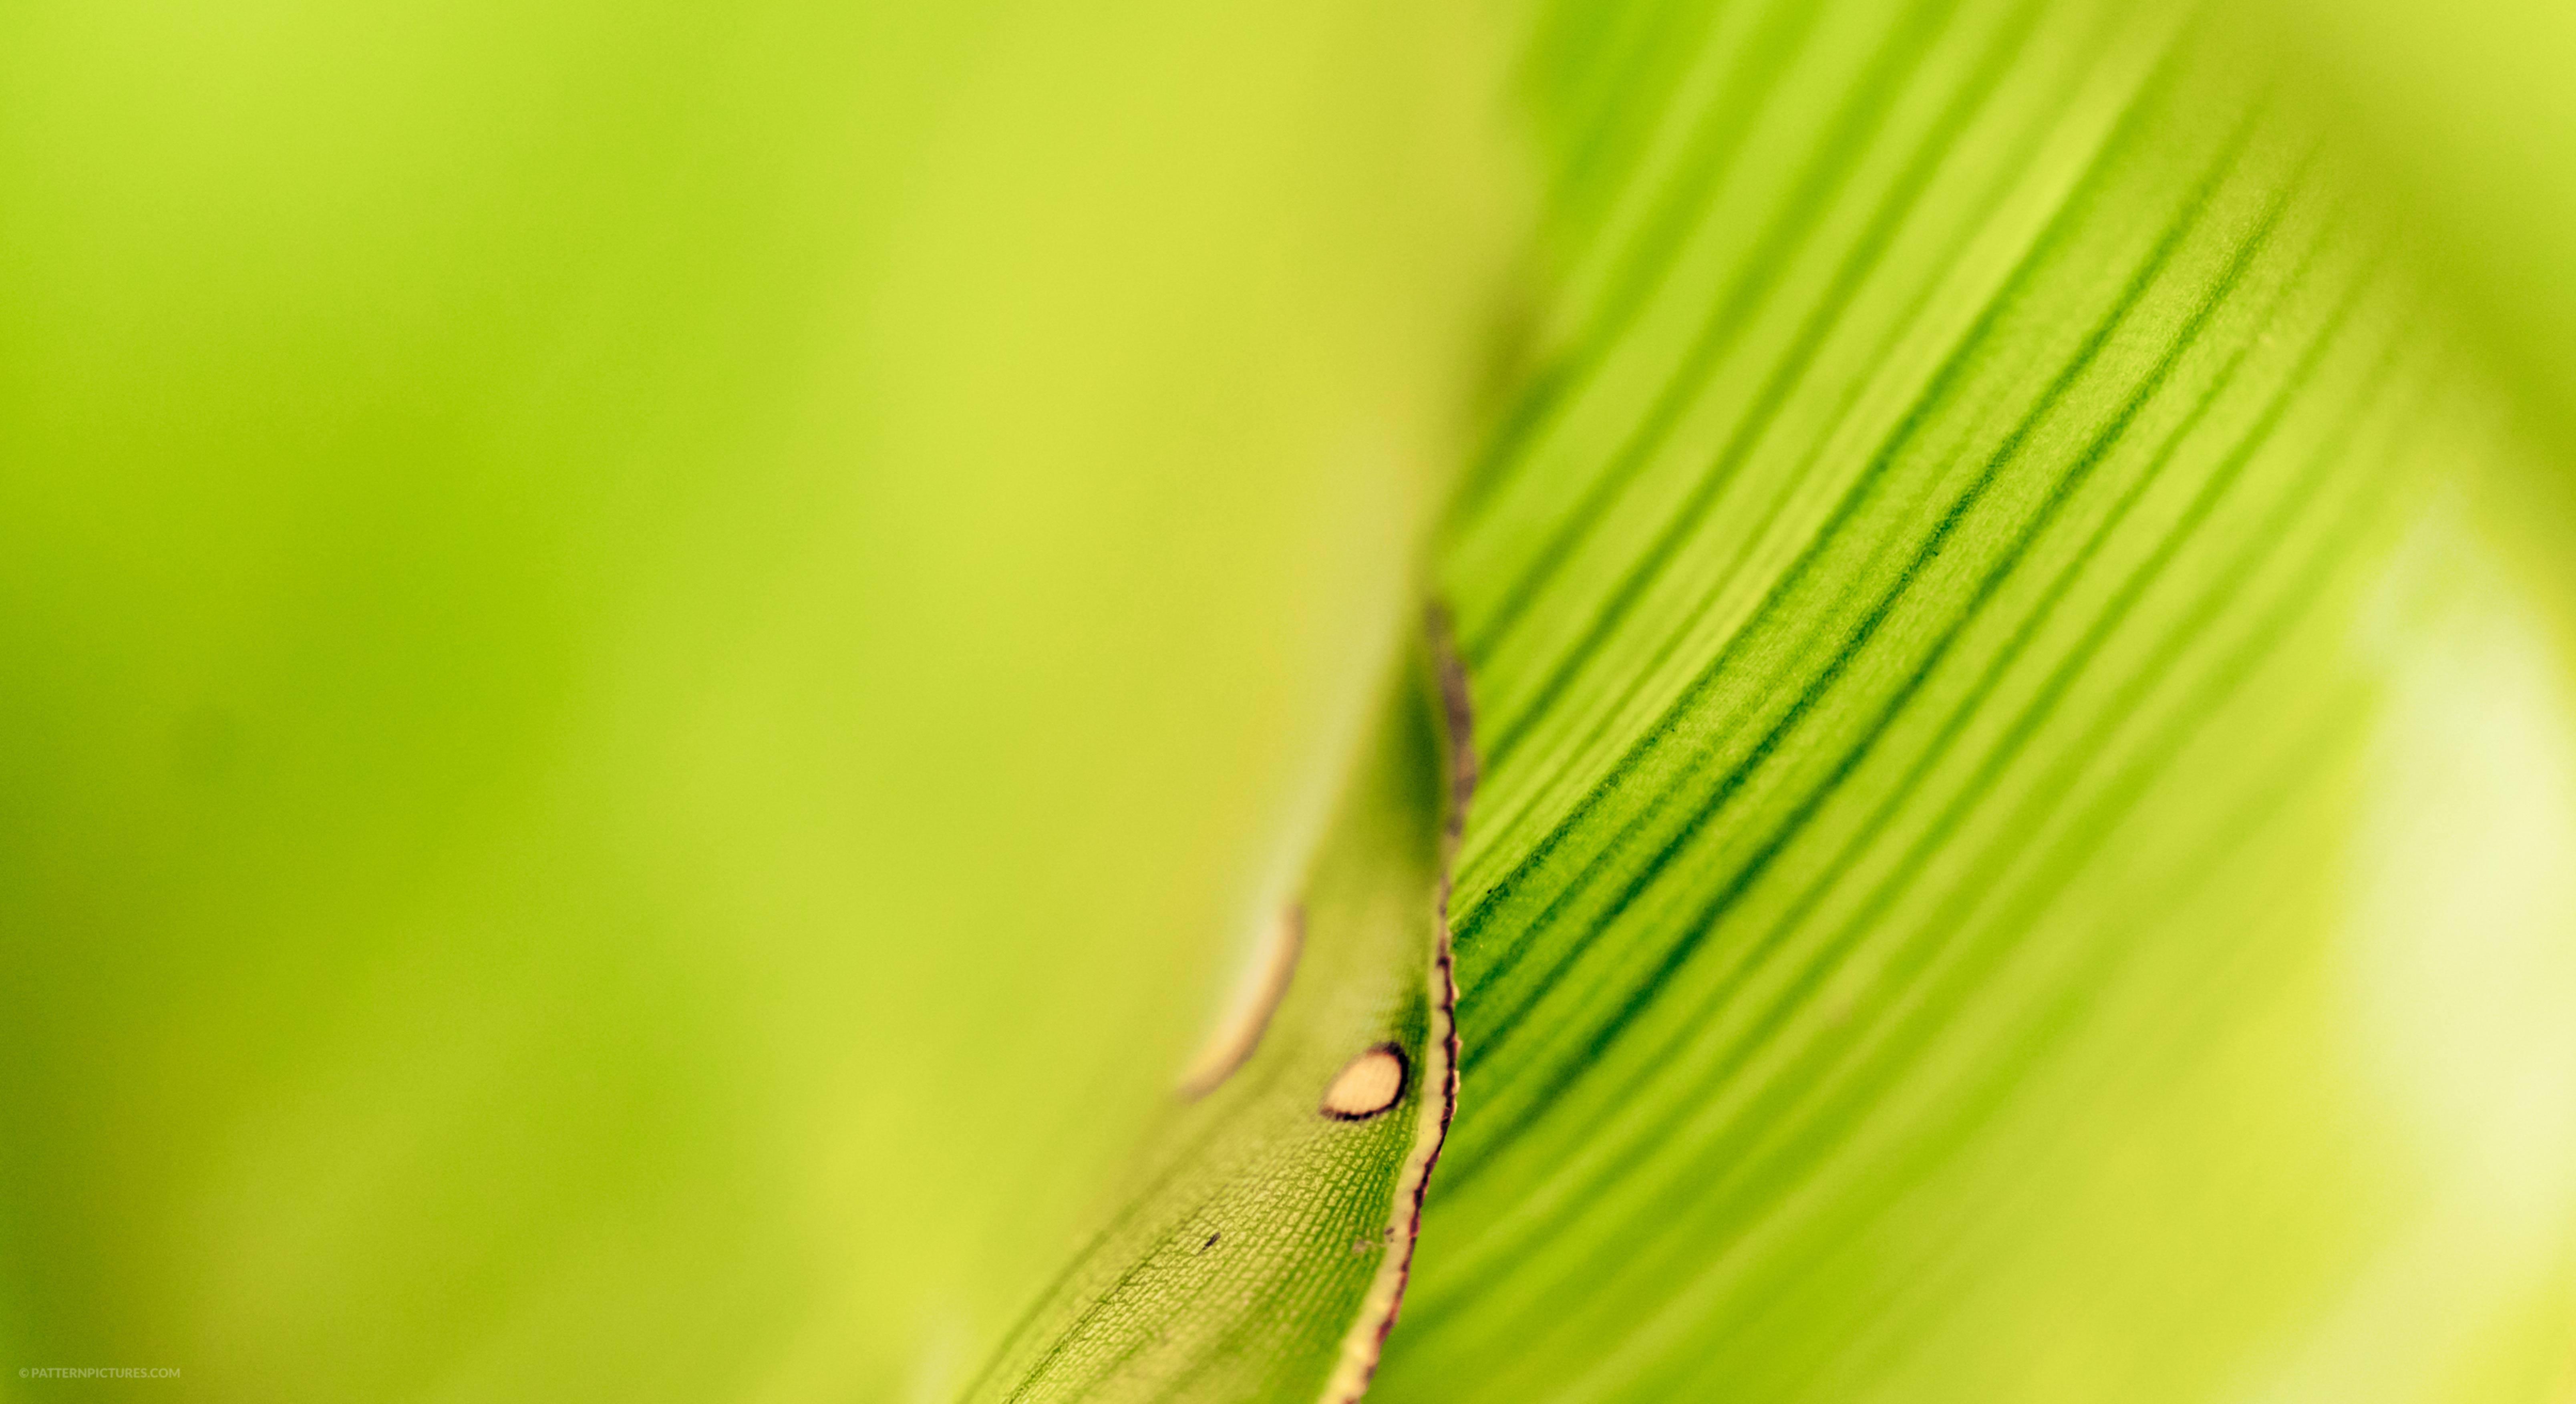 Leaf close-up bokeh background